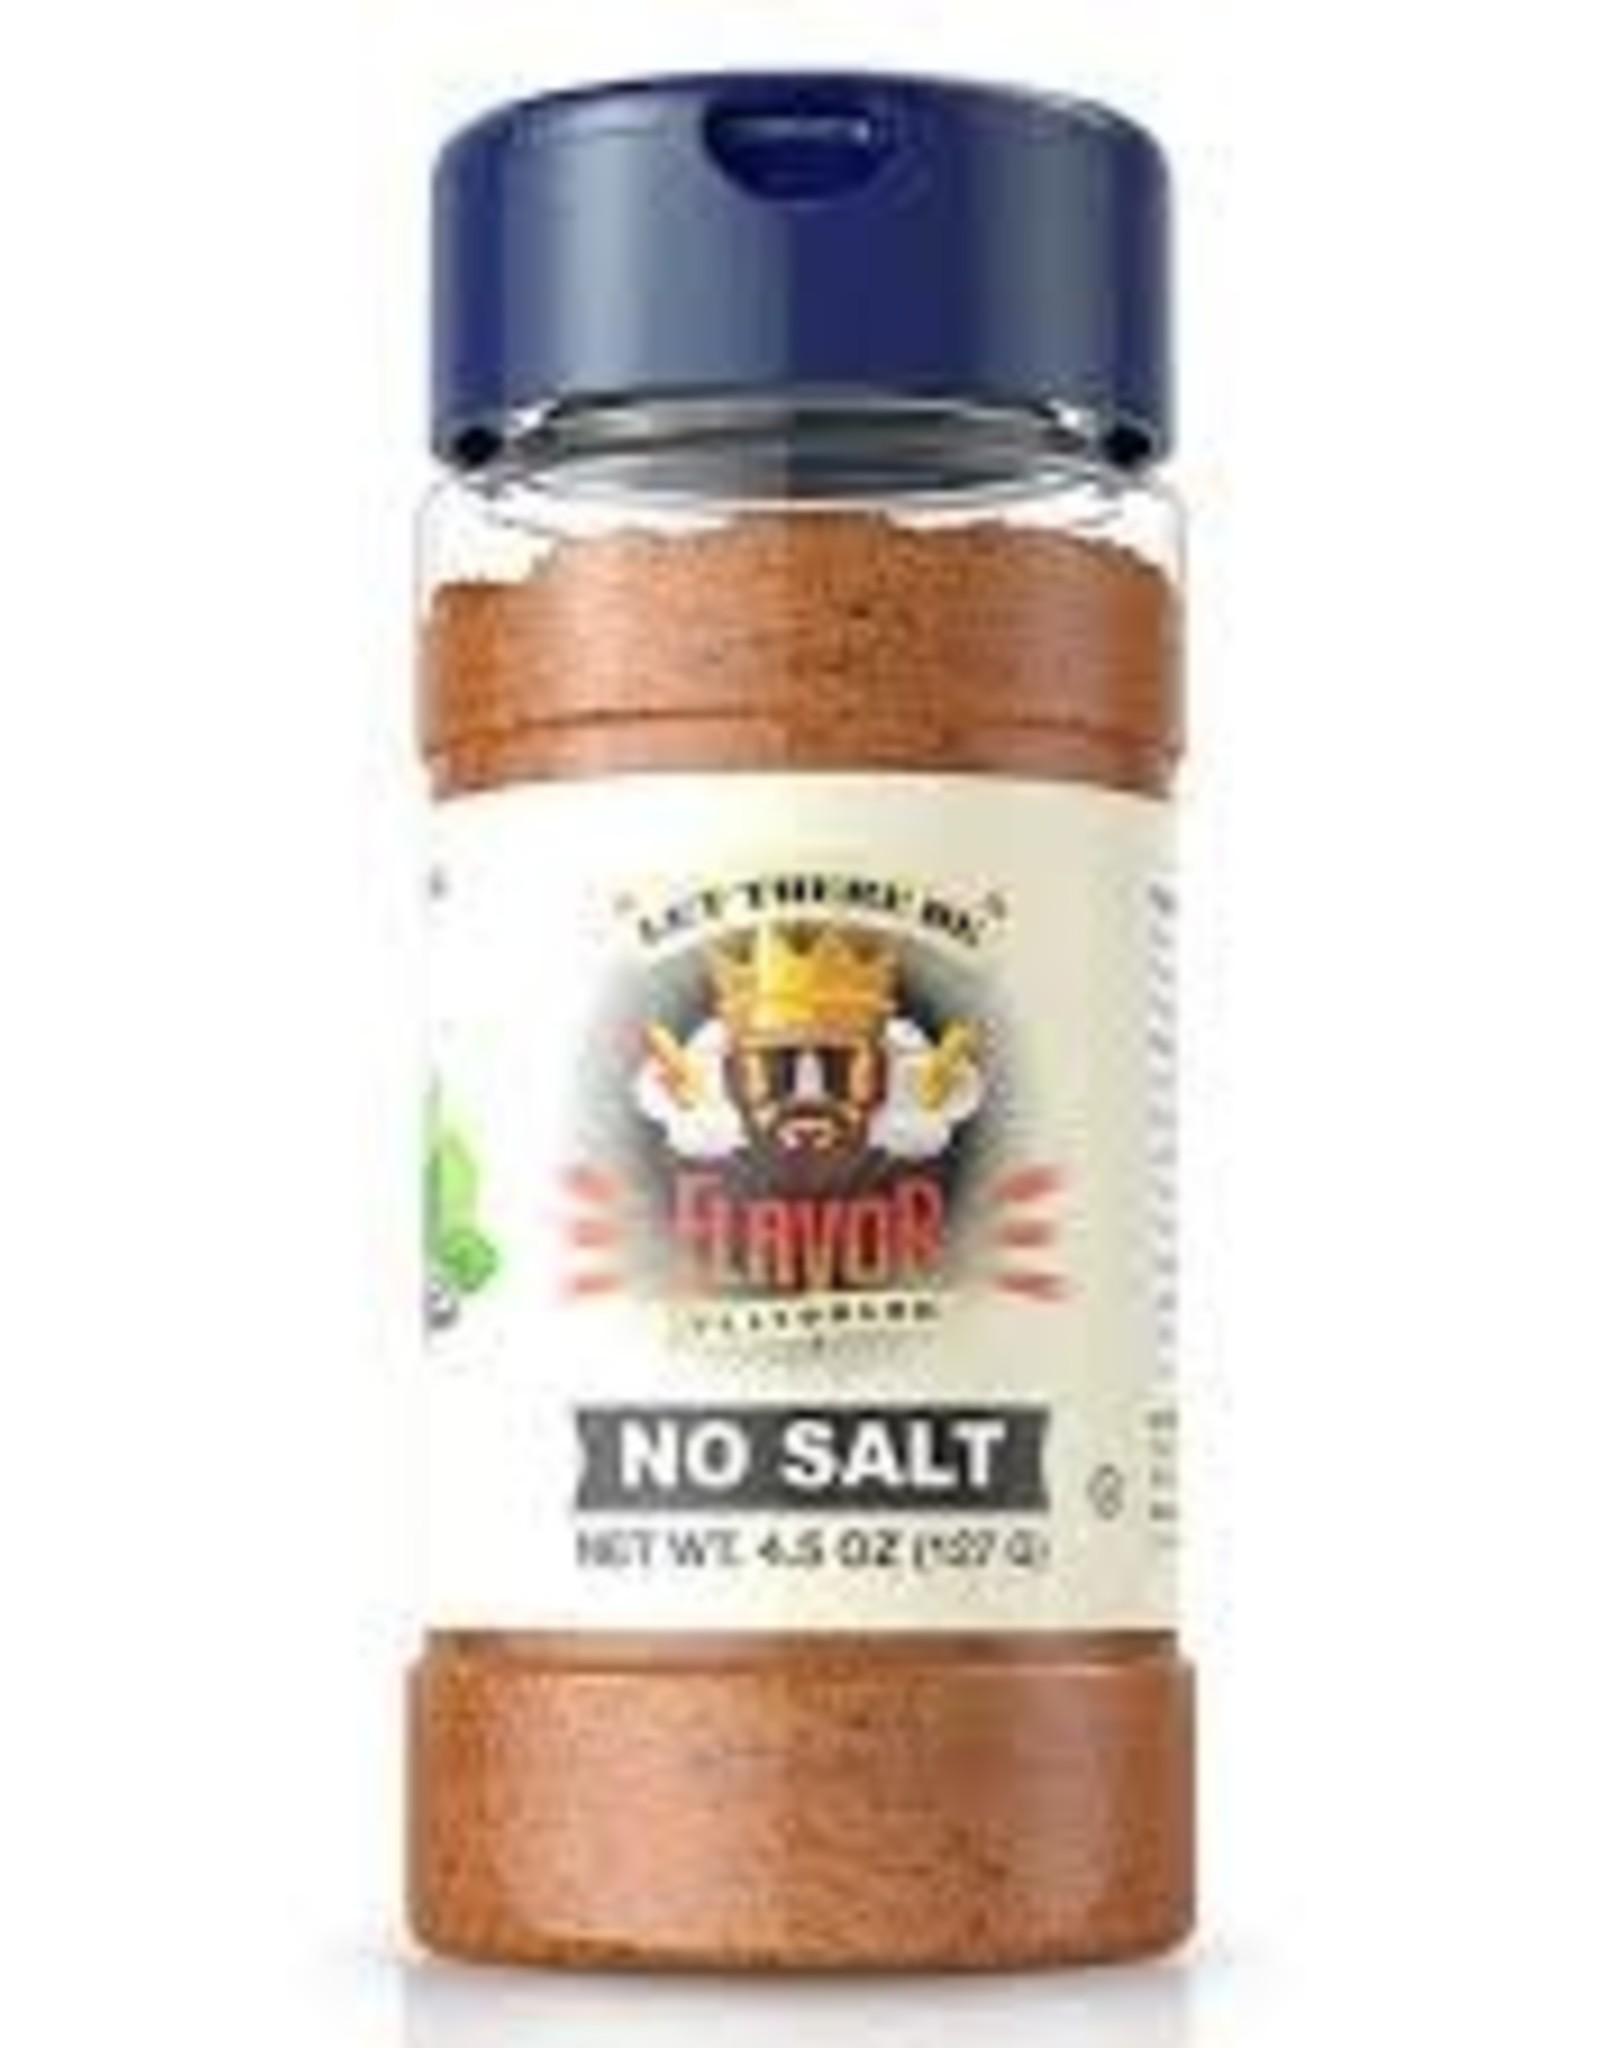 Flavor God Flavor God - No Salt